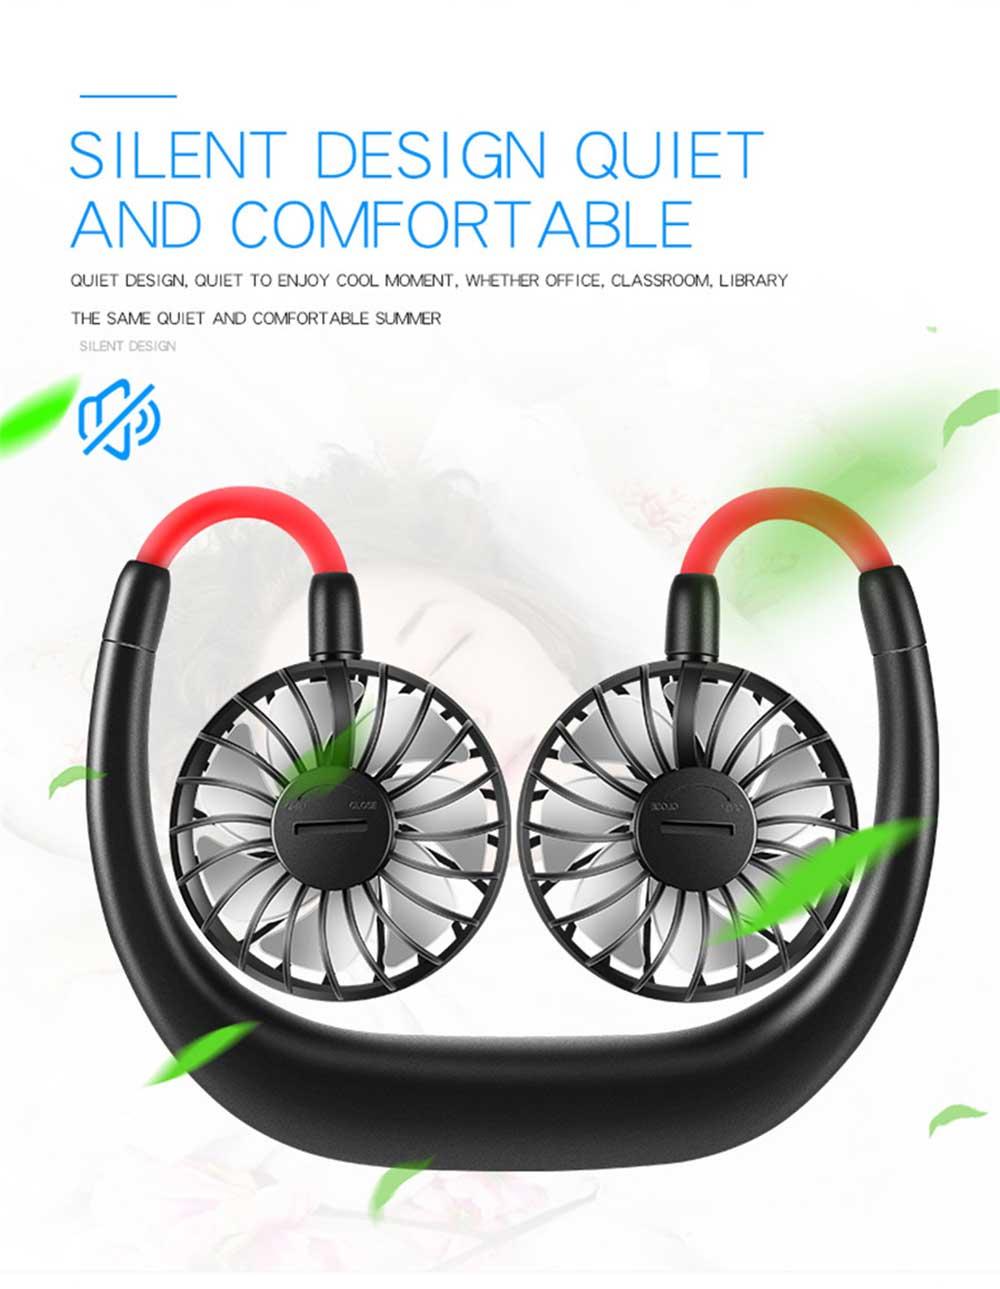 Mini Usb Neck Fan Neckband Small Desk Fan Handheld Wearable Rechargeable Air Cooling Fan 3